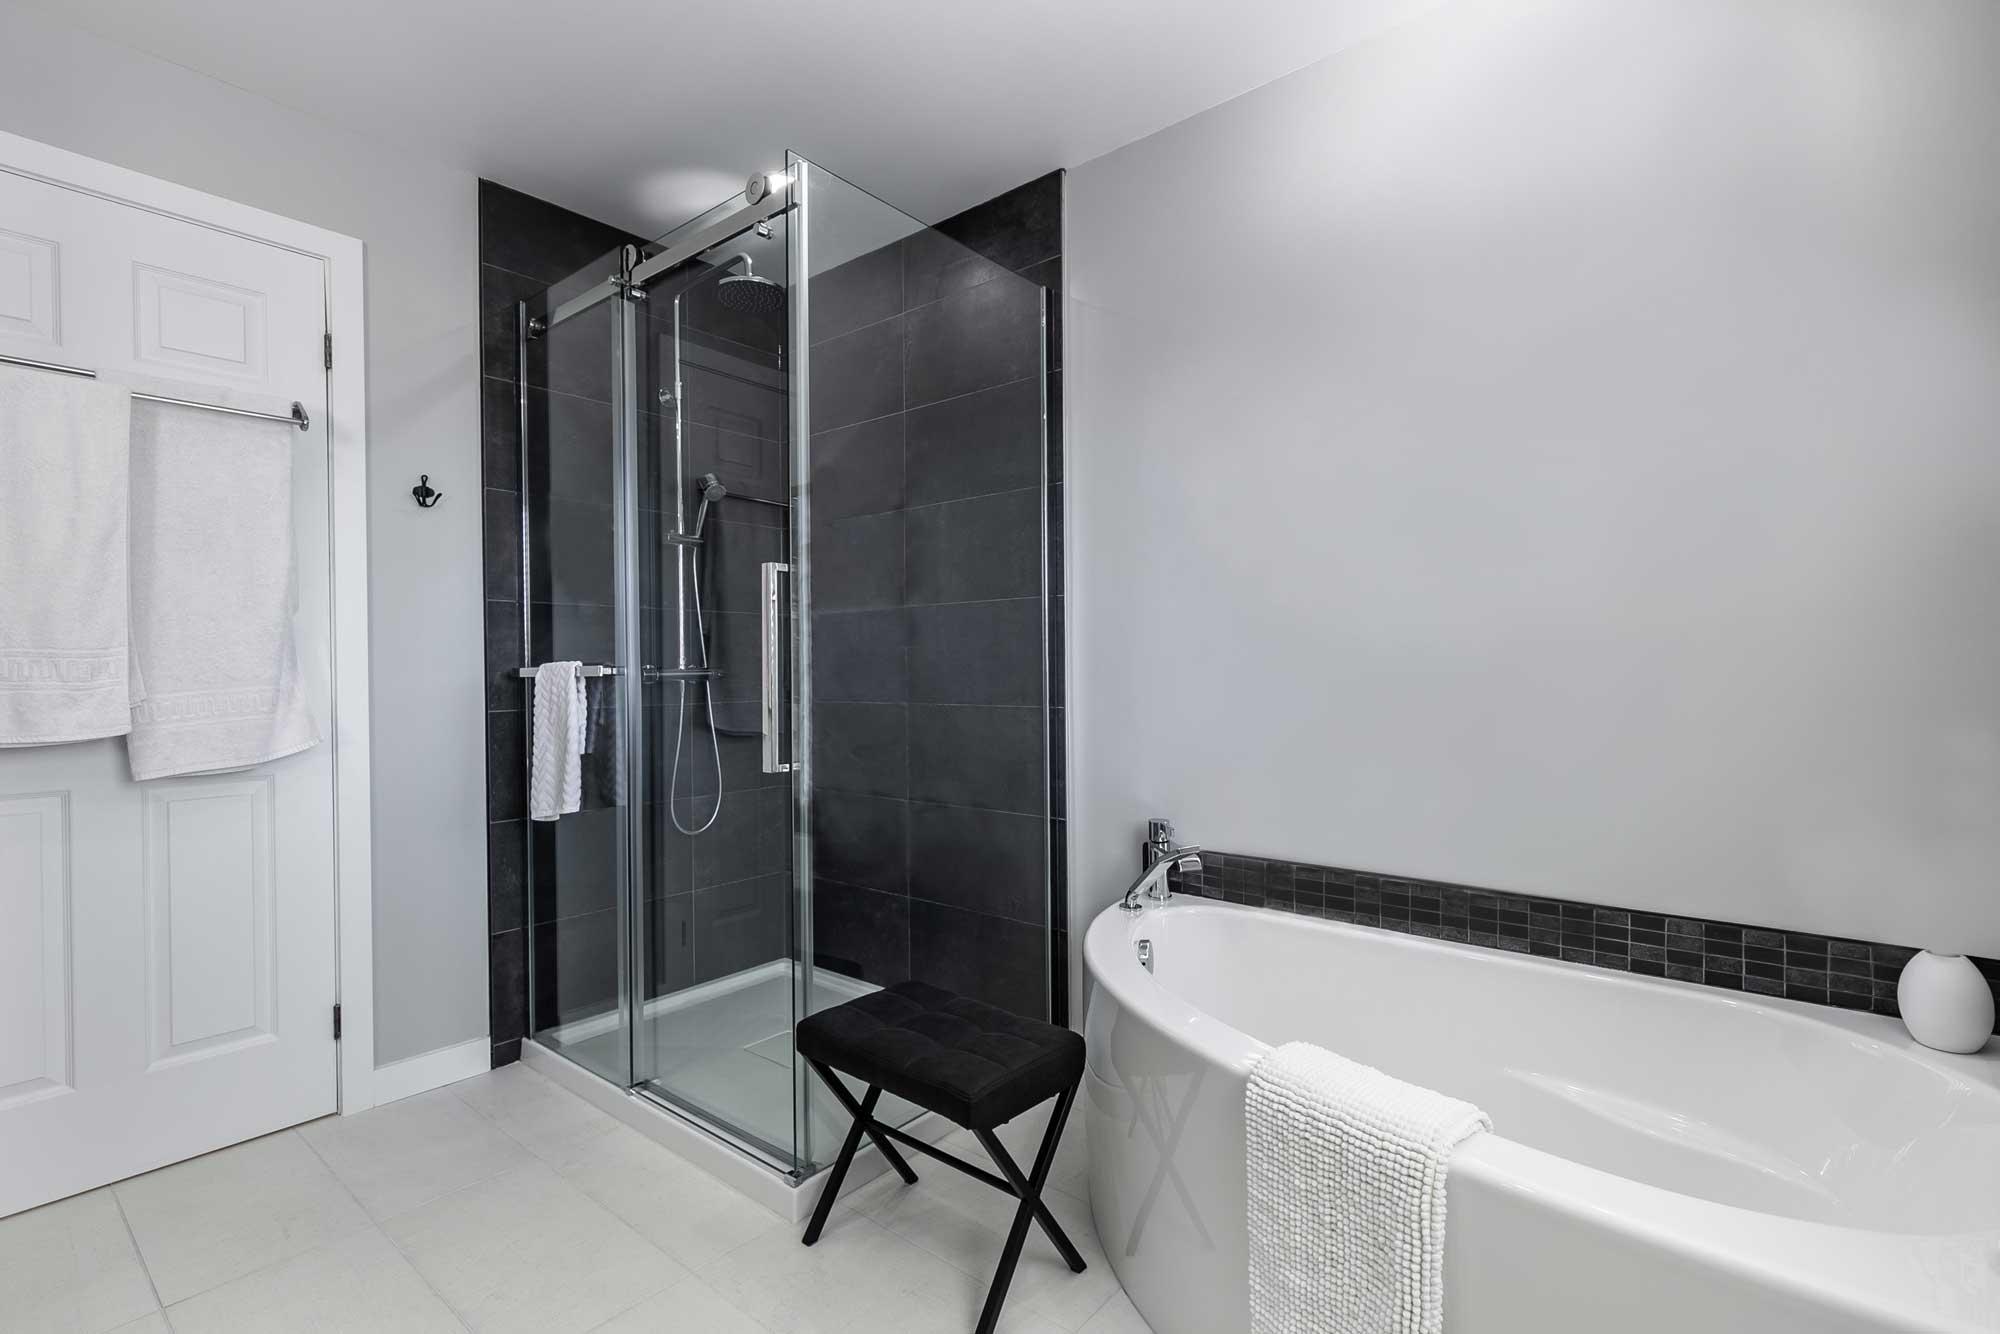 déco de salle de bain avec banc noir, douche vitrée et bain autoportant